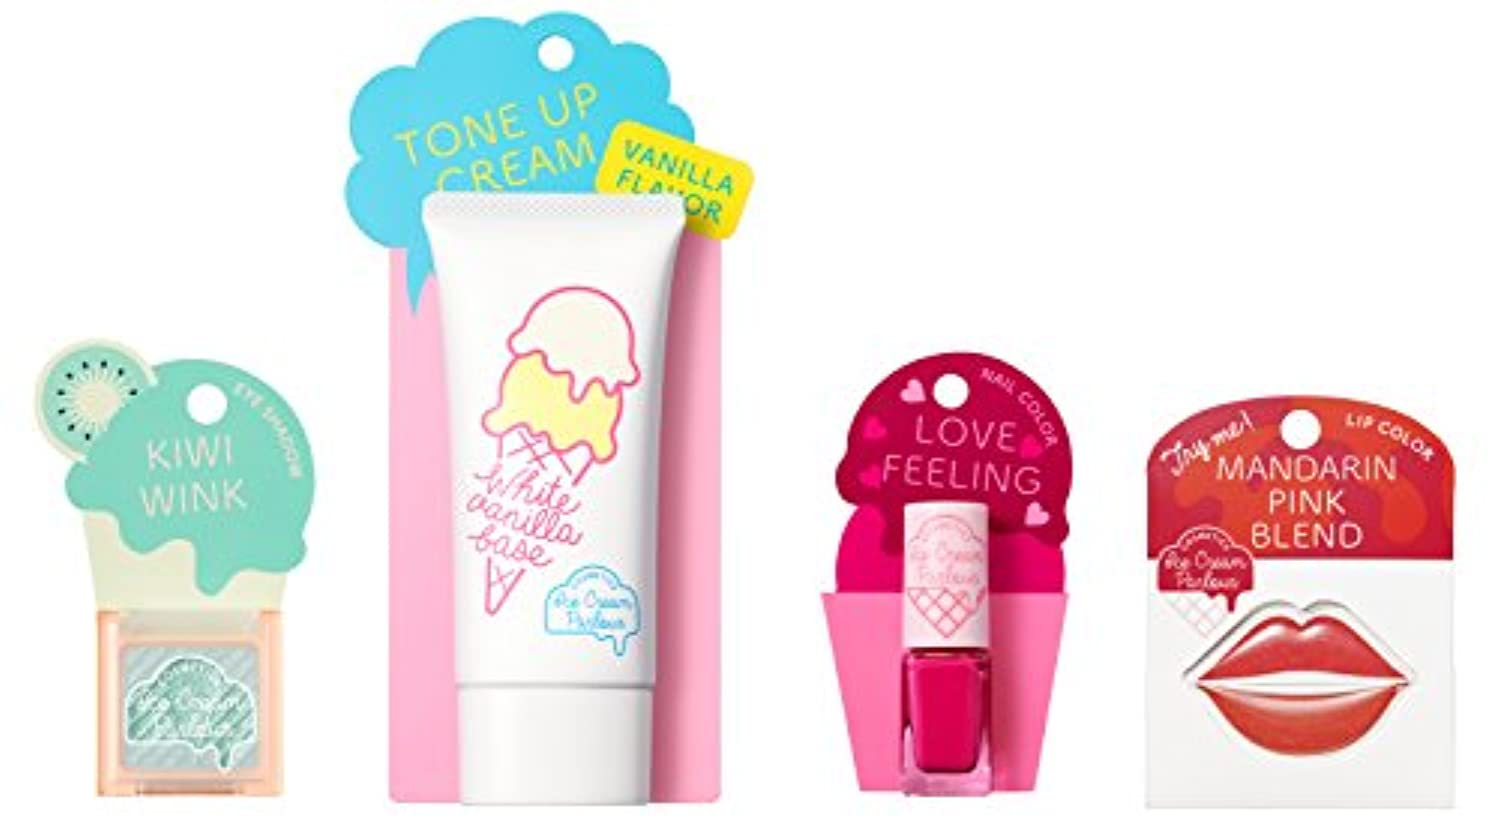 添加剤付き添い人データムアイスクリームパーラー コスメティクス アイスクリームセット E